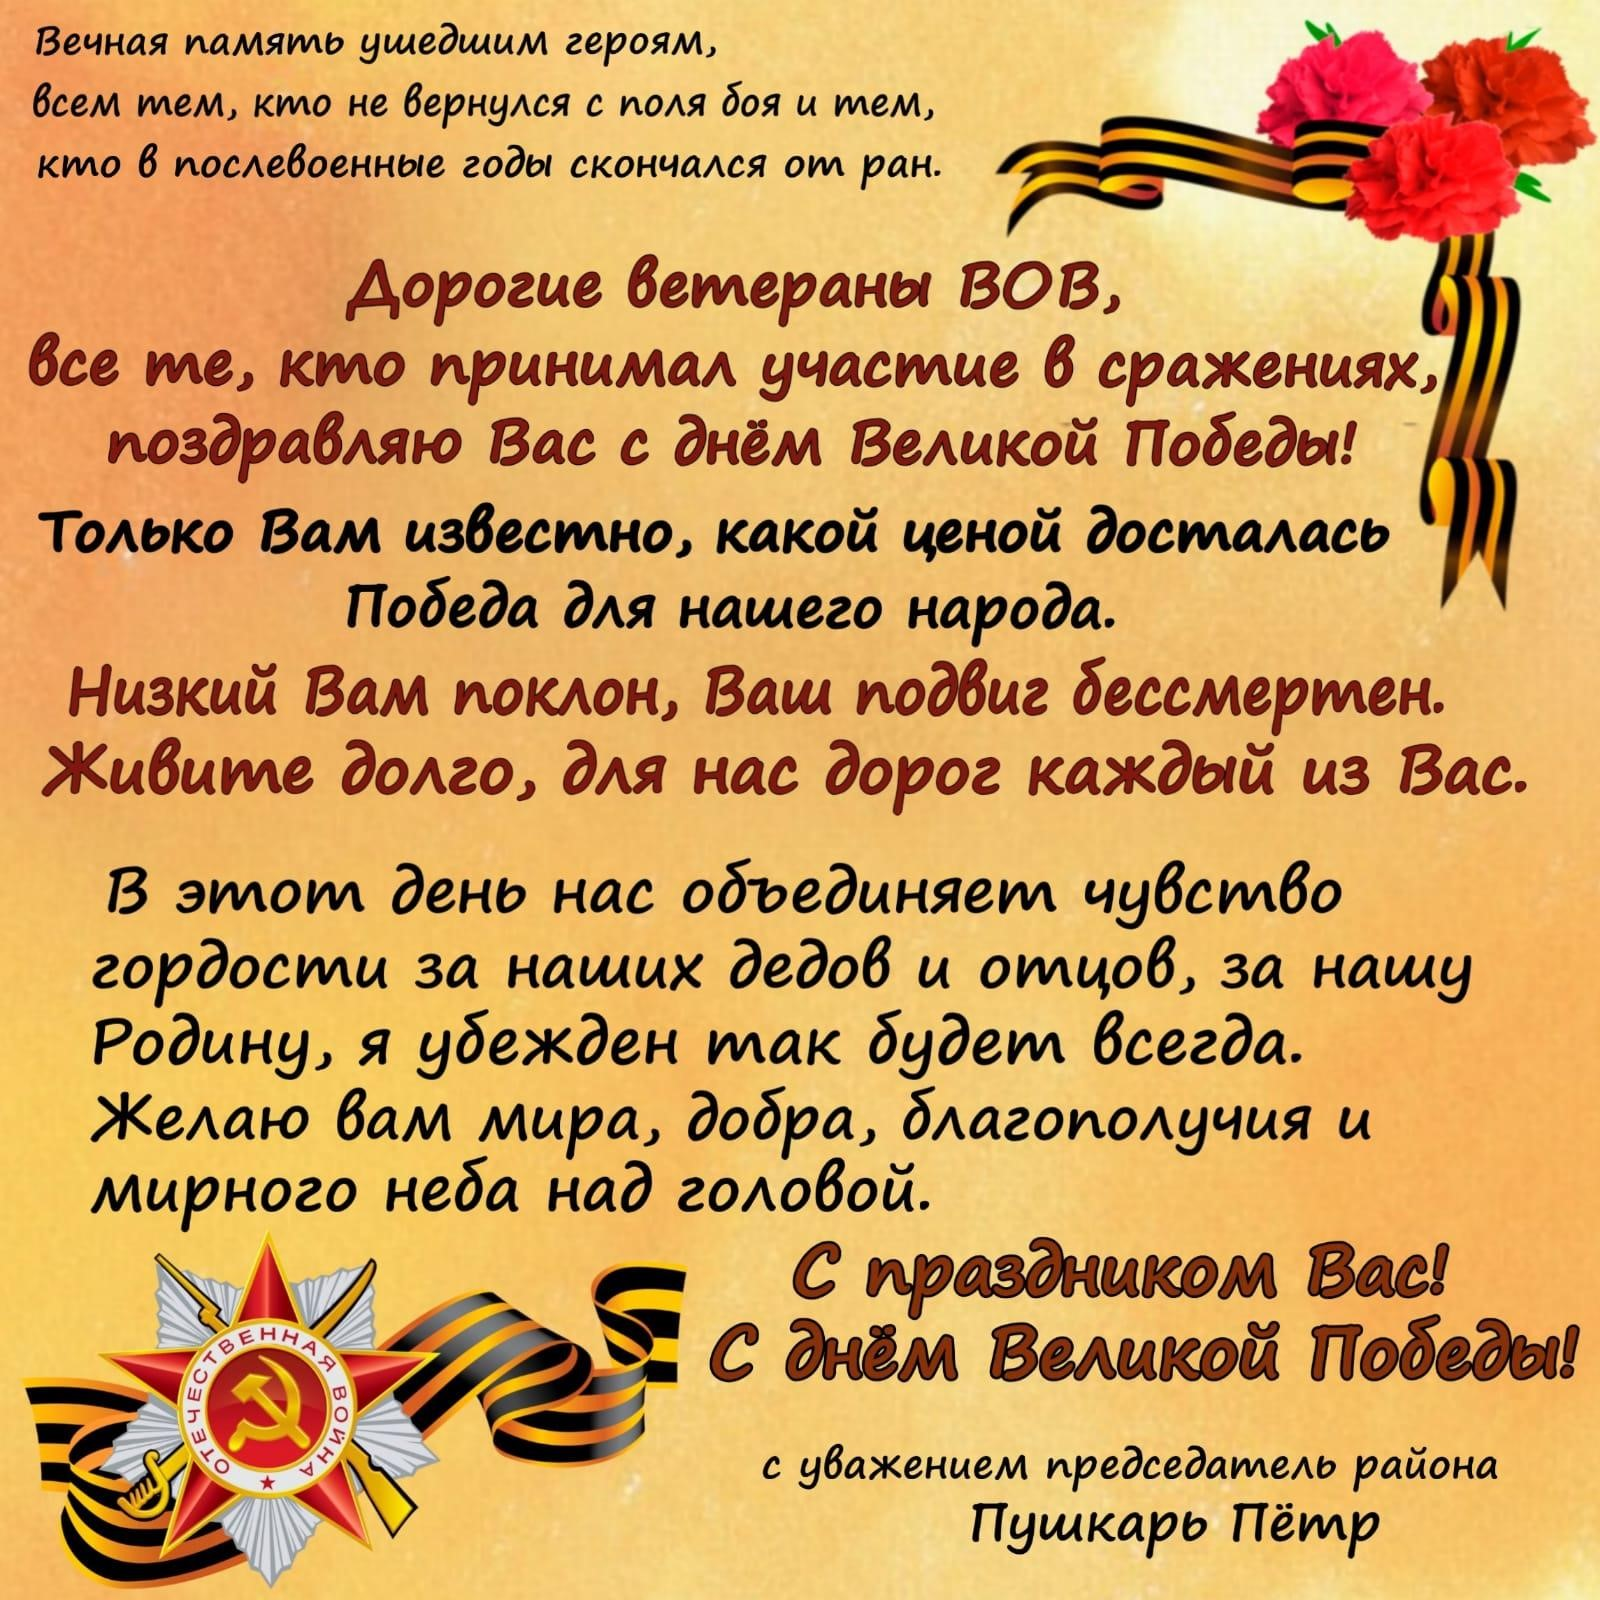 Поздравление с Днём Победы председателя района Басарабяска Петра Пушкарь